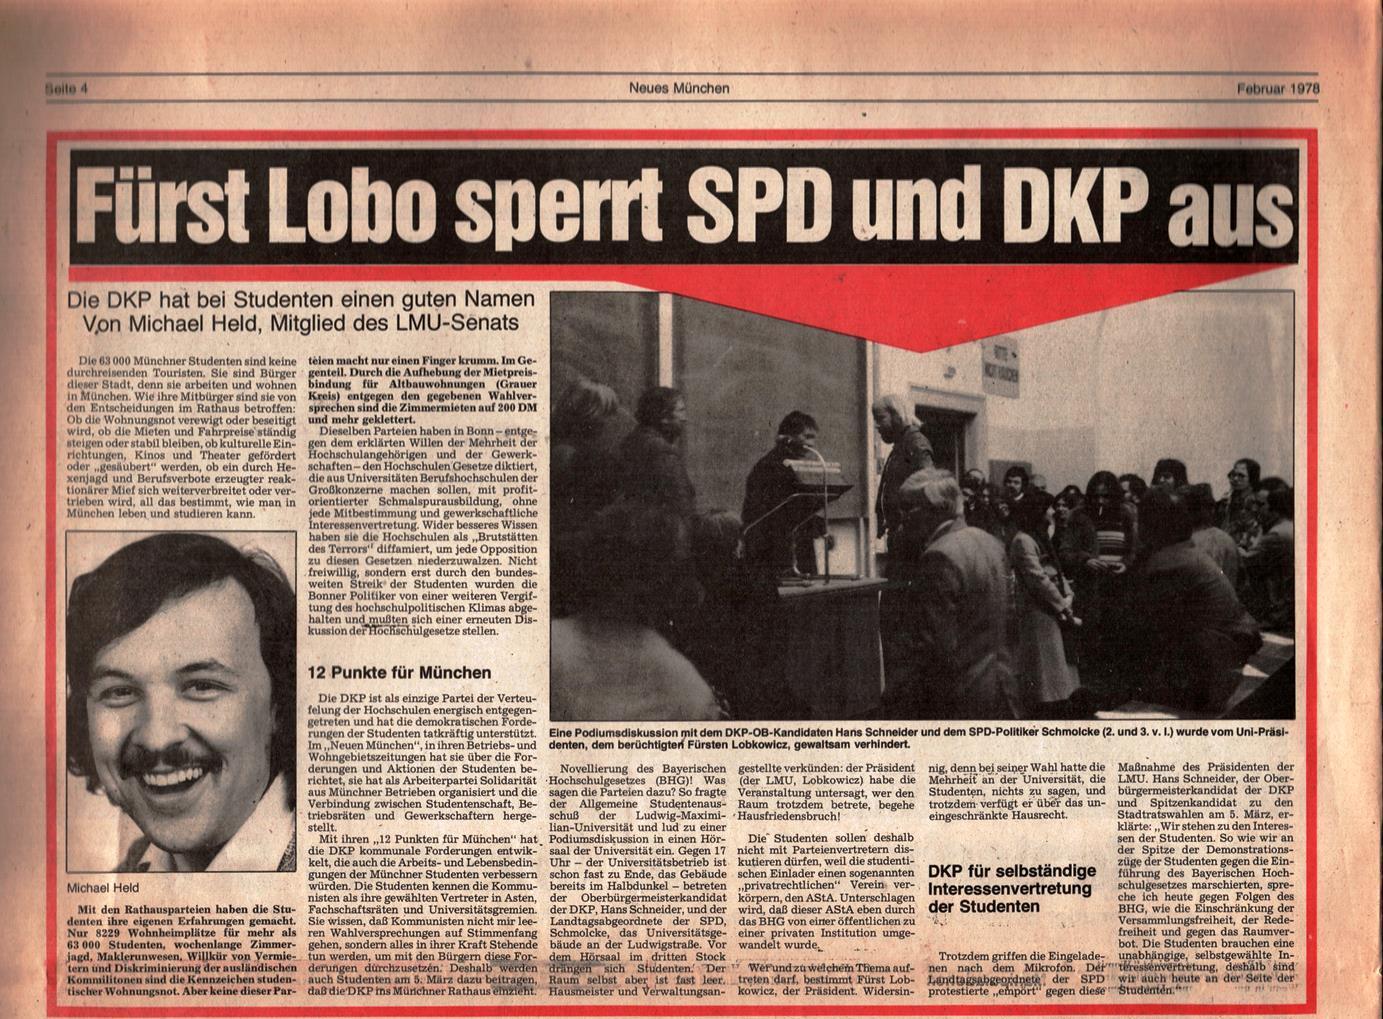 Muenchen_DKP_Neues_Muenchen_19780200_002_007